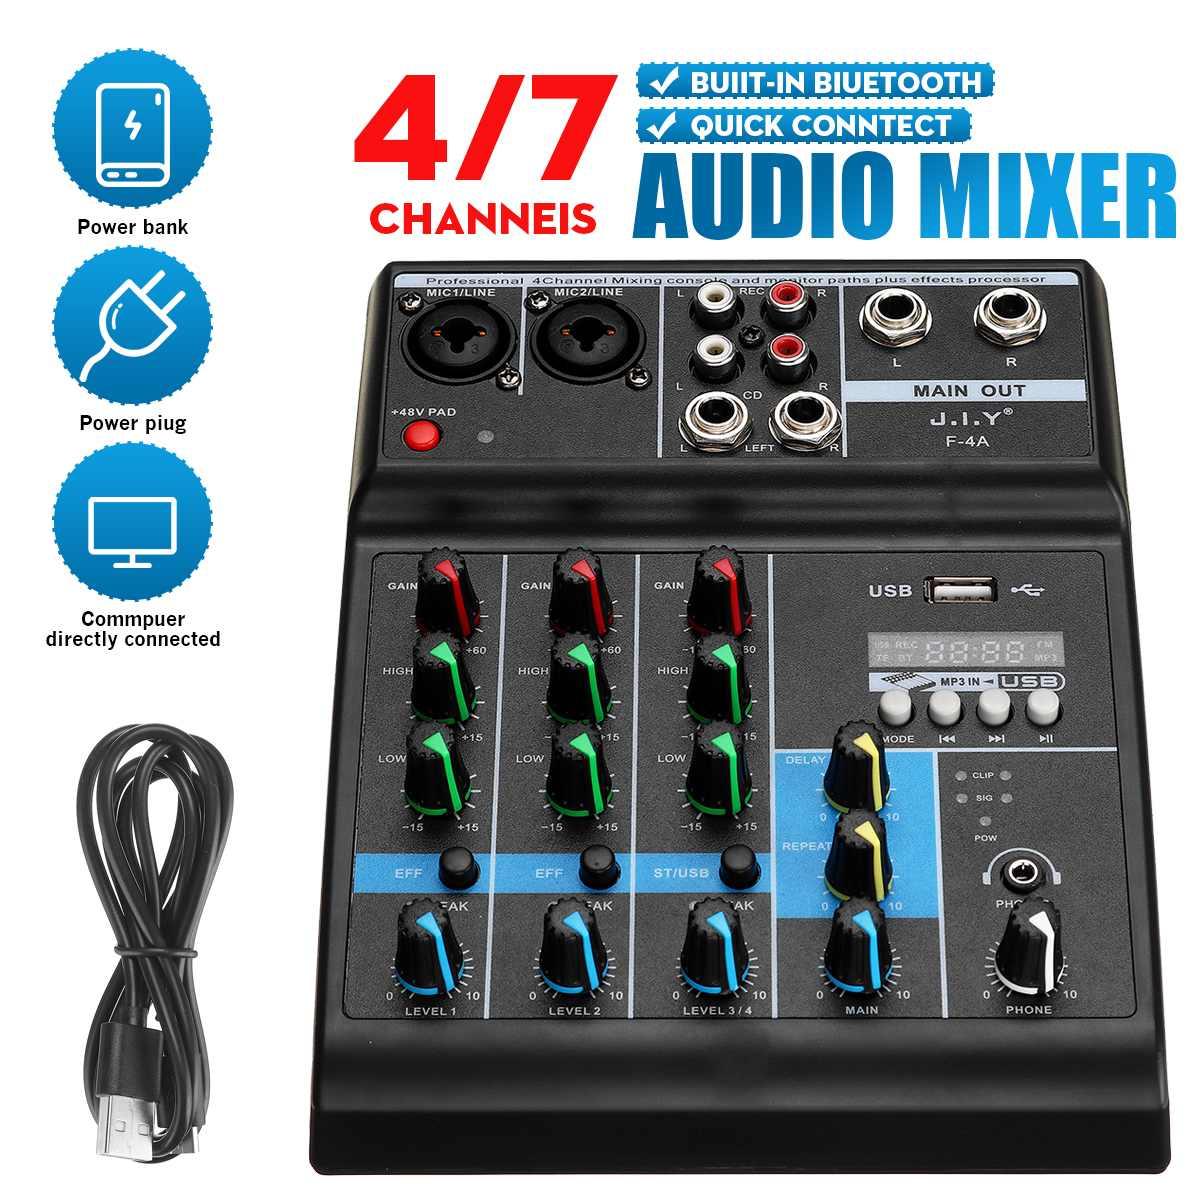 Profesjonalne 4 kanałowy mikser Audio bluetooth 5.0 komputer USB pogłosu kontroler DJ etap Lifeshow konsola miksująca